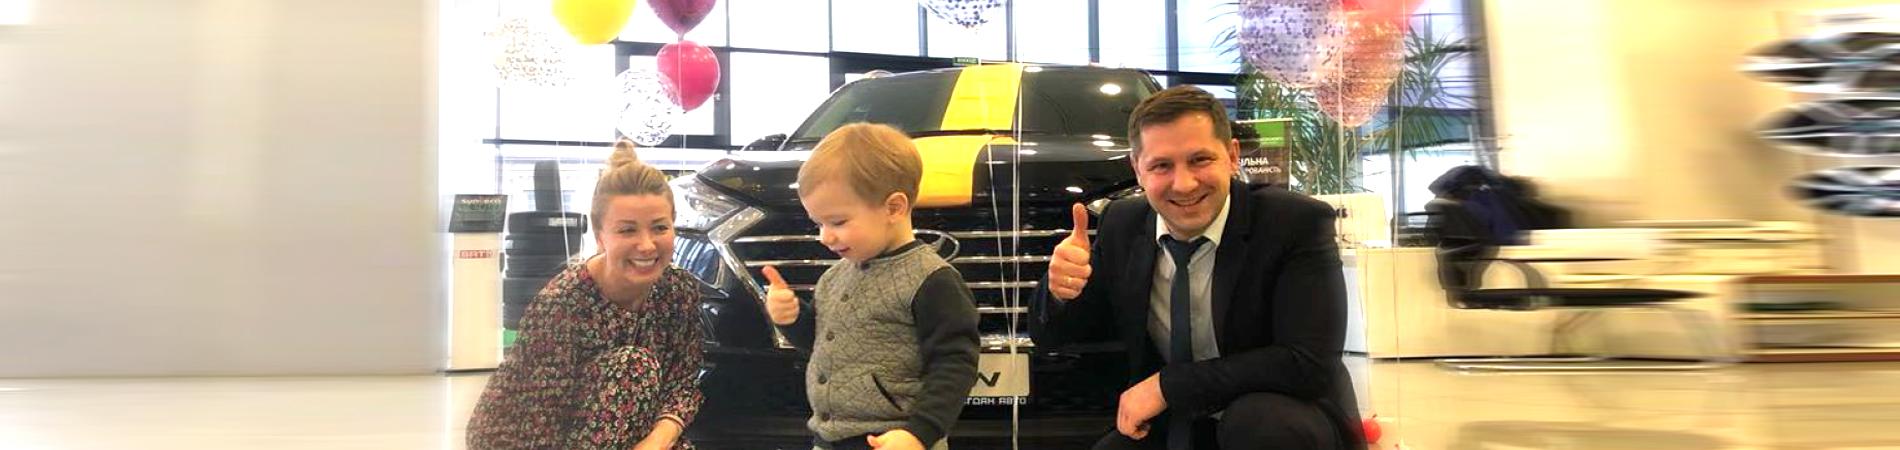 Покупайте в «Богдан-Авто Холдинг» с радостью